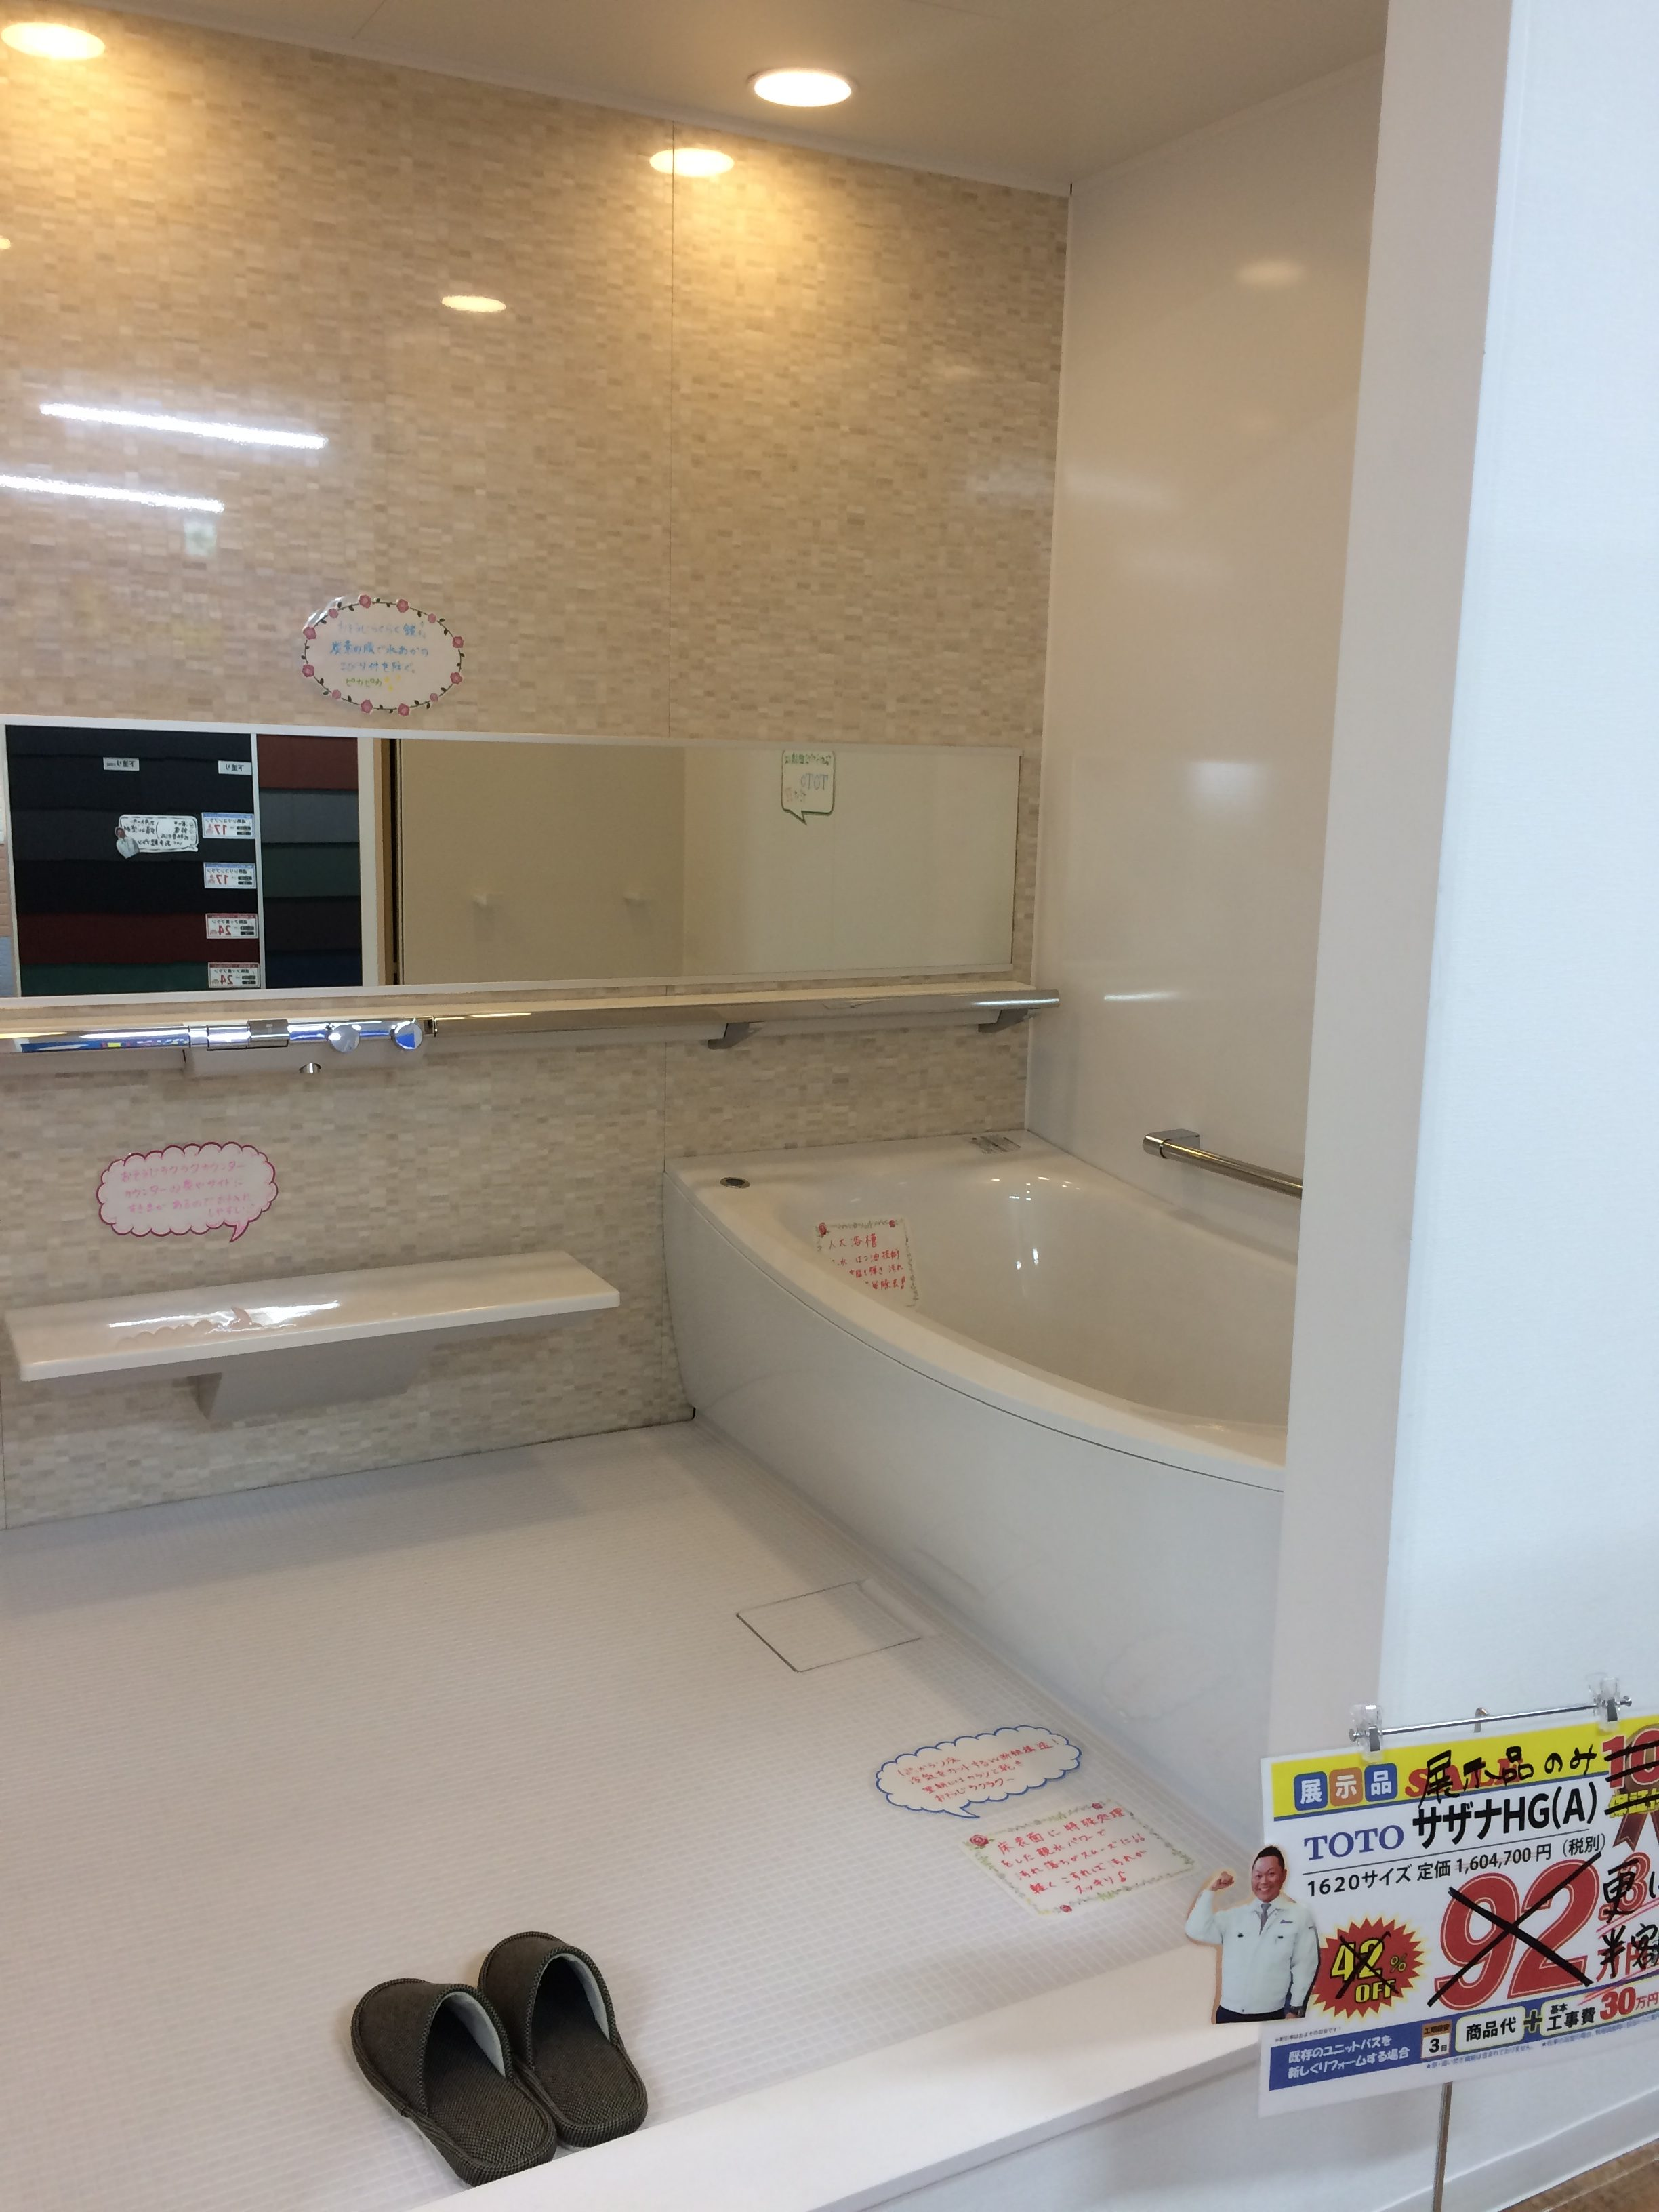 ミヤケンショールームの展示品サザナHGを大特価で販売します!